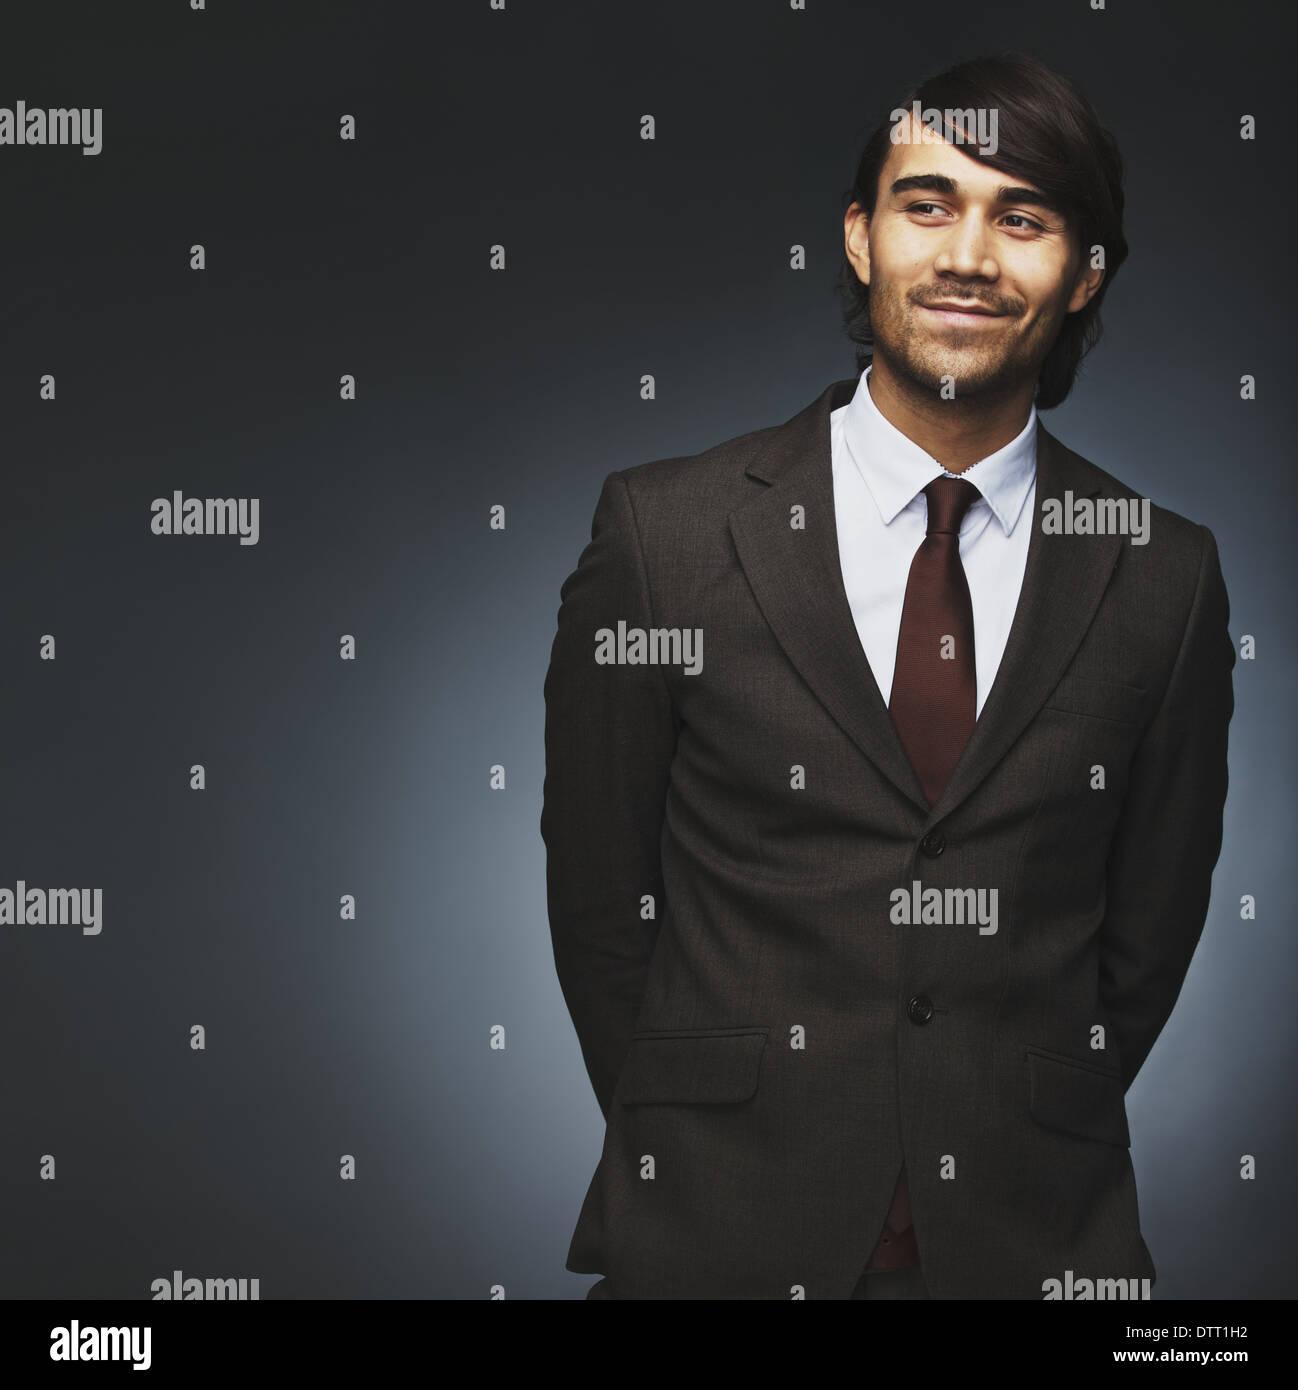 Bel giovane che guarda lontano sorridente su sfondo nero. Modello maschile in business suit guardando copyspace. Immagini Stock